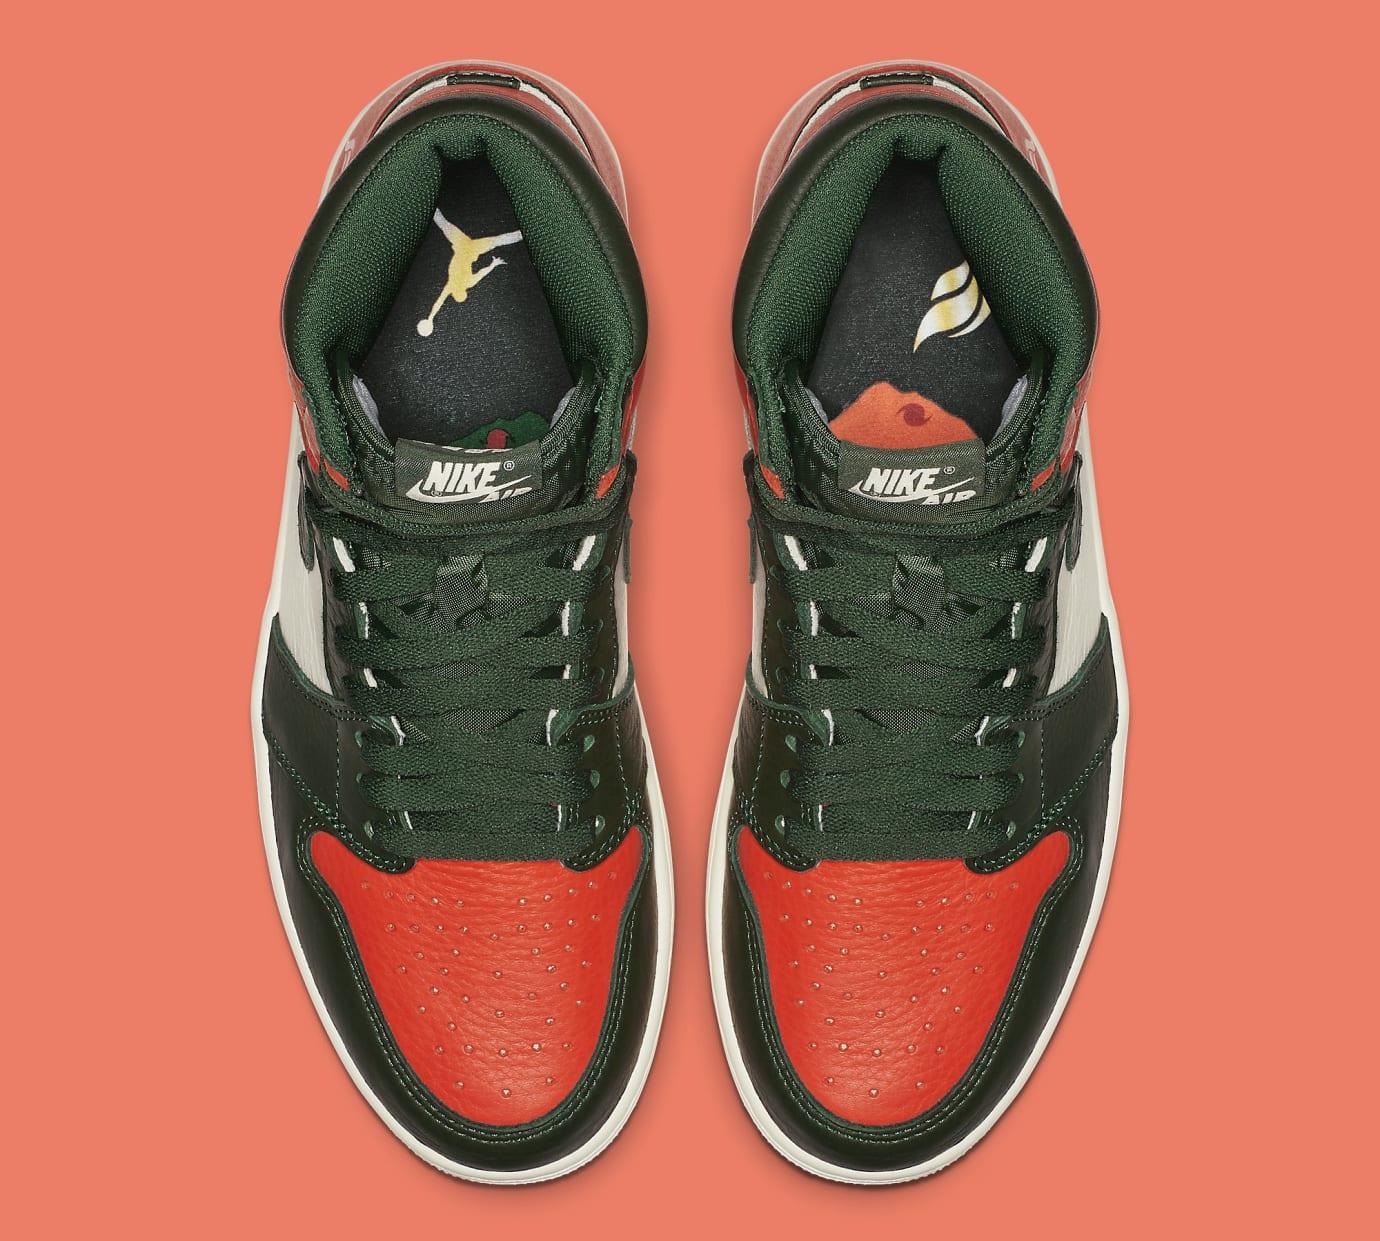 fa0be2479e74cc SoleFly x Air Jordan 1 High OG AV3905-138 Release Date